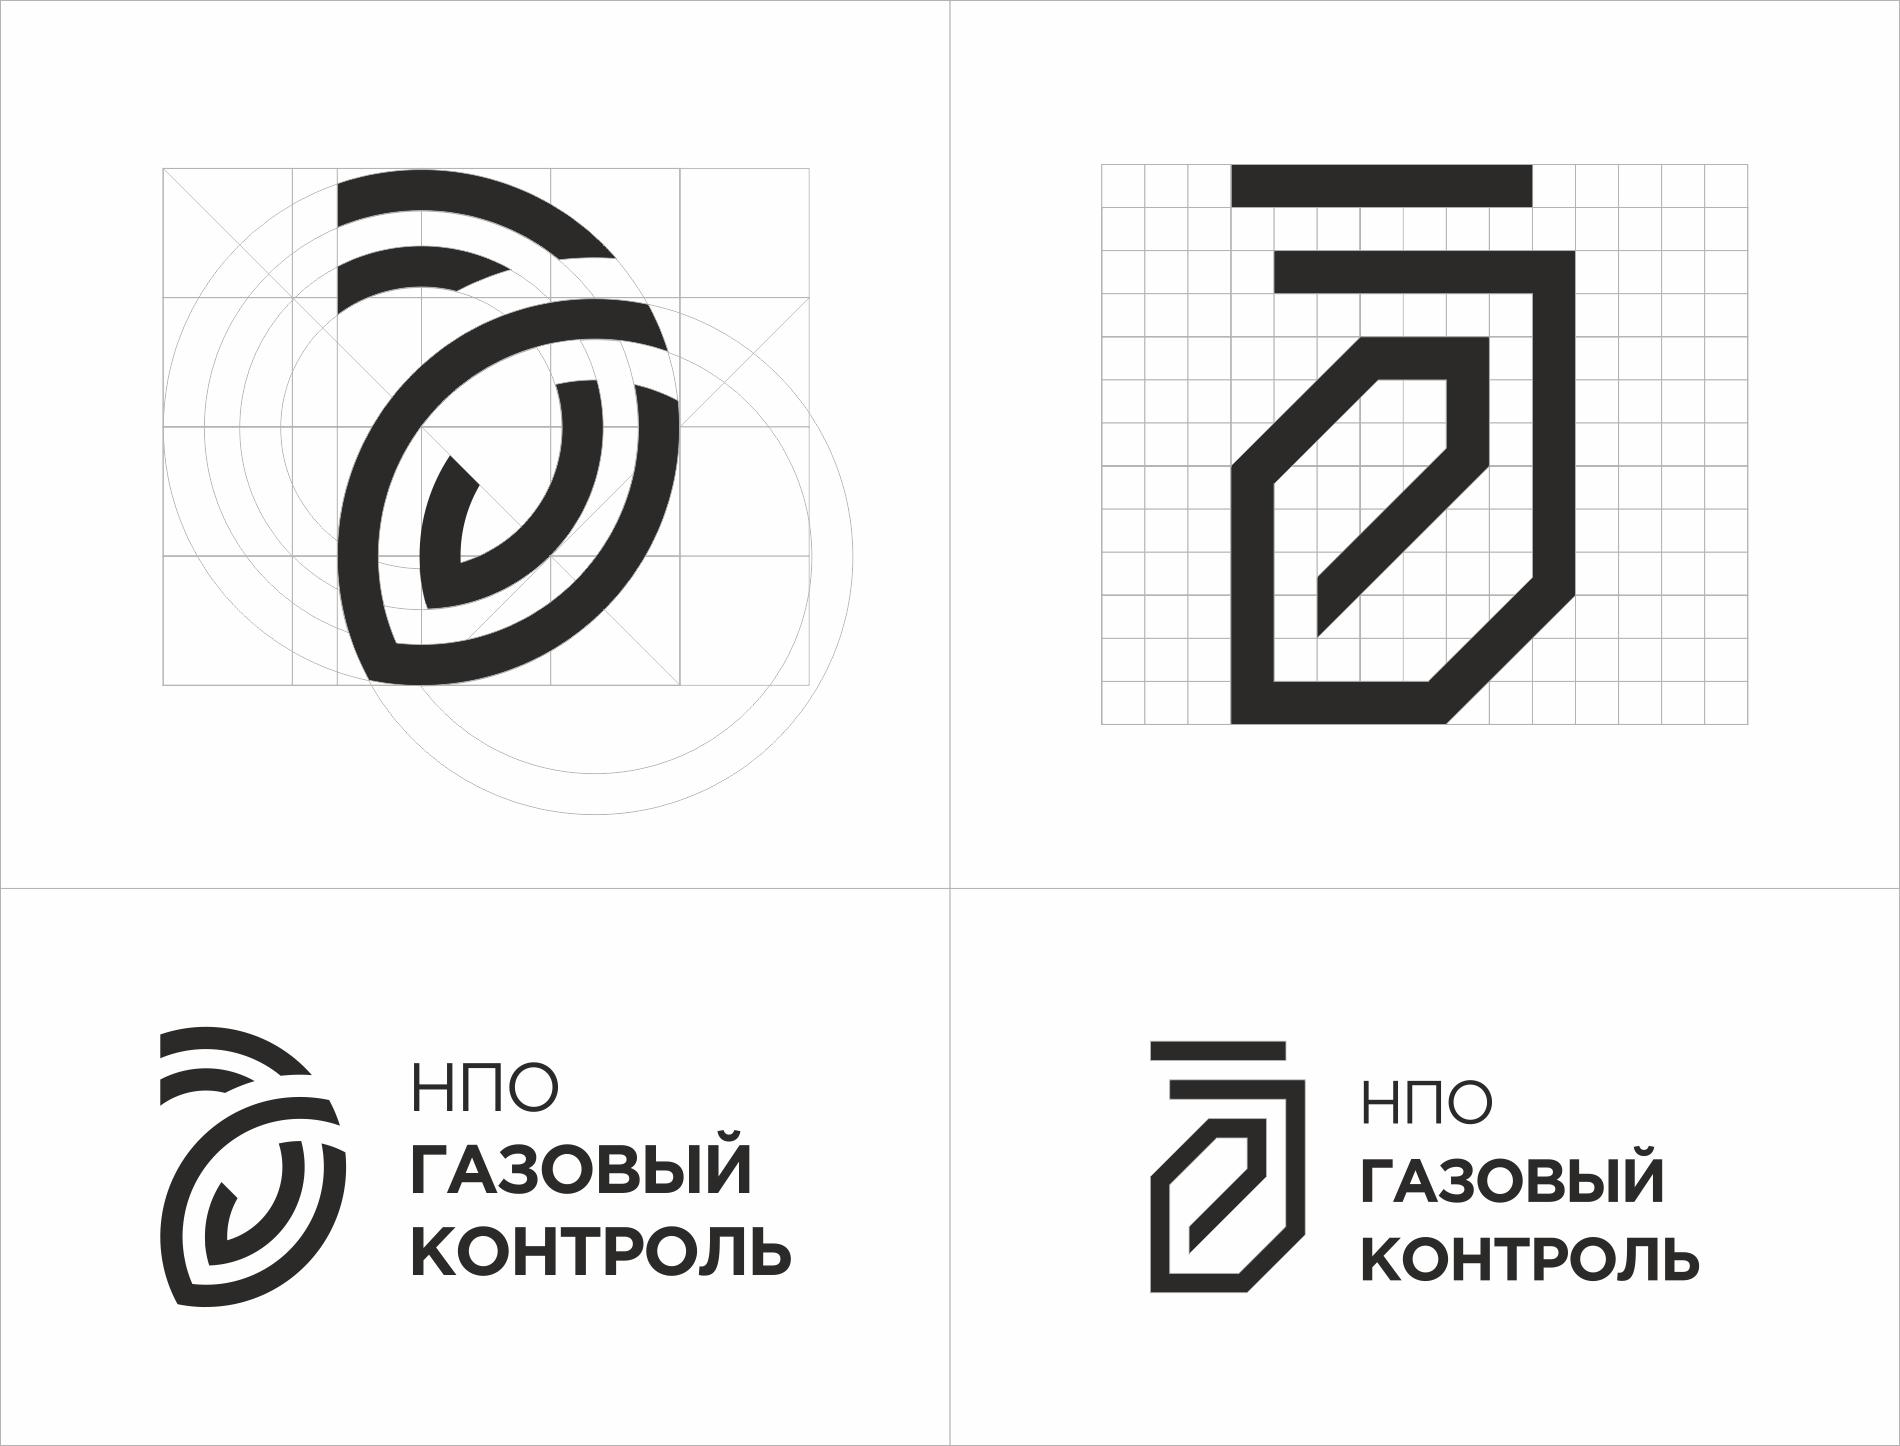 Набросок логотипа Газовый контроль